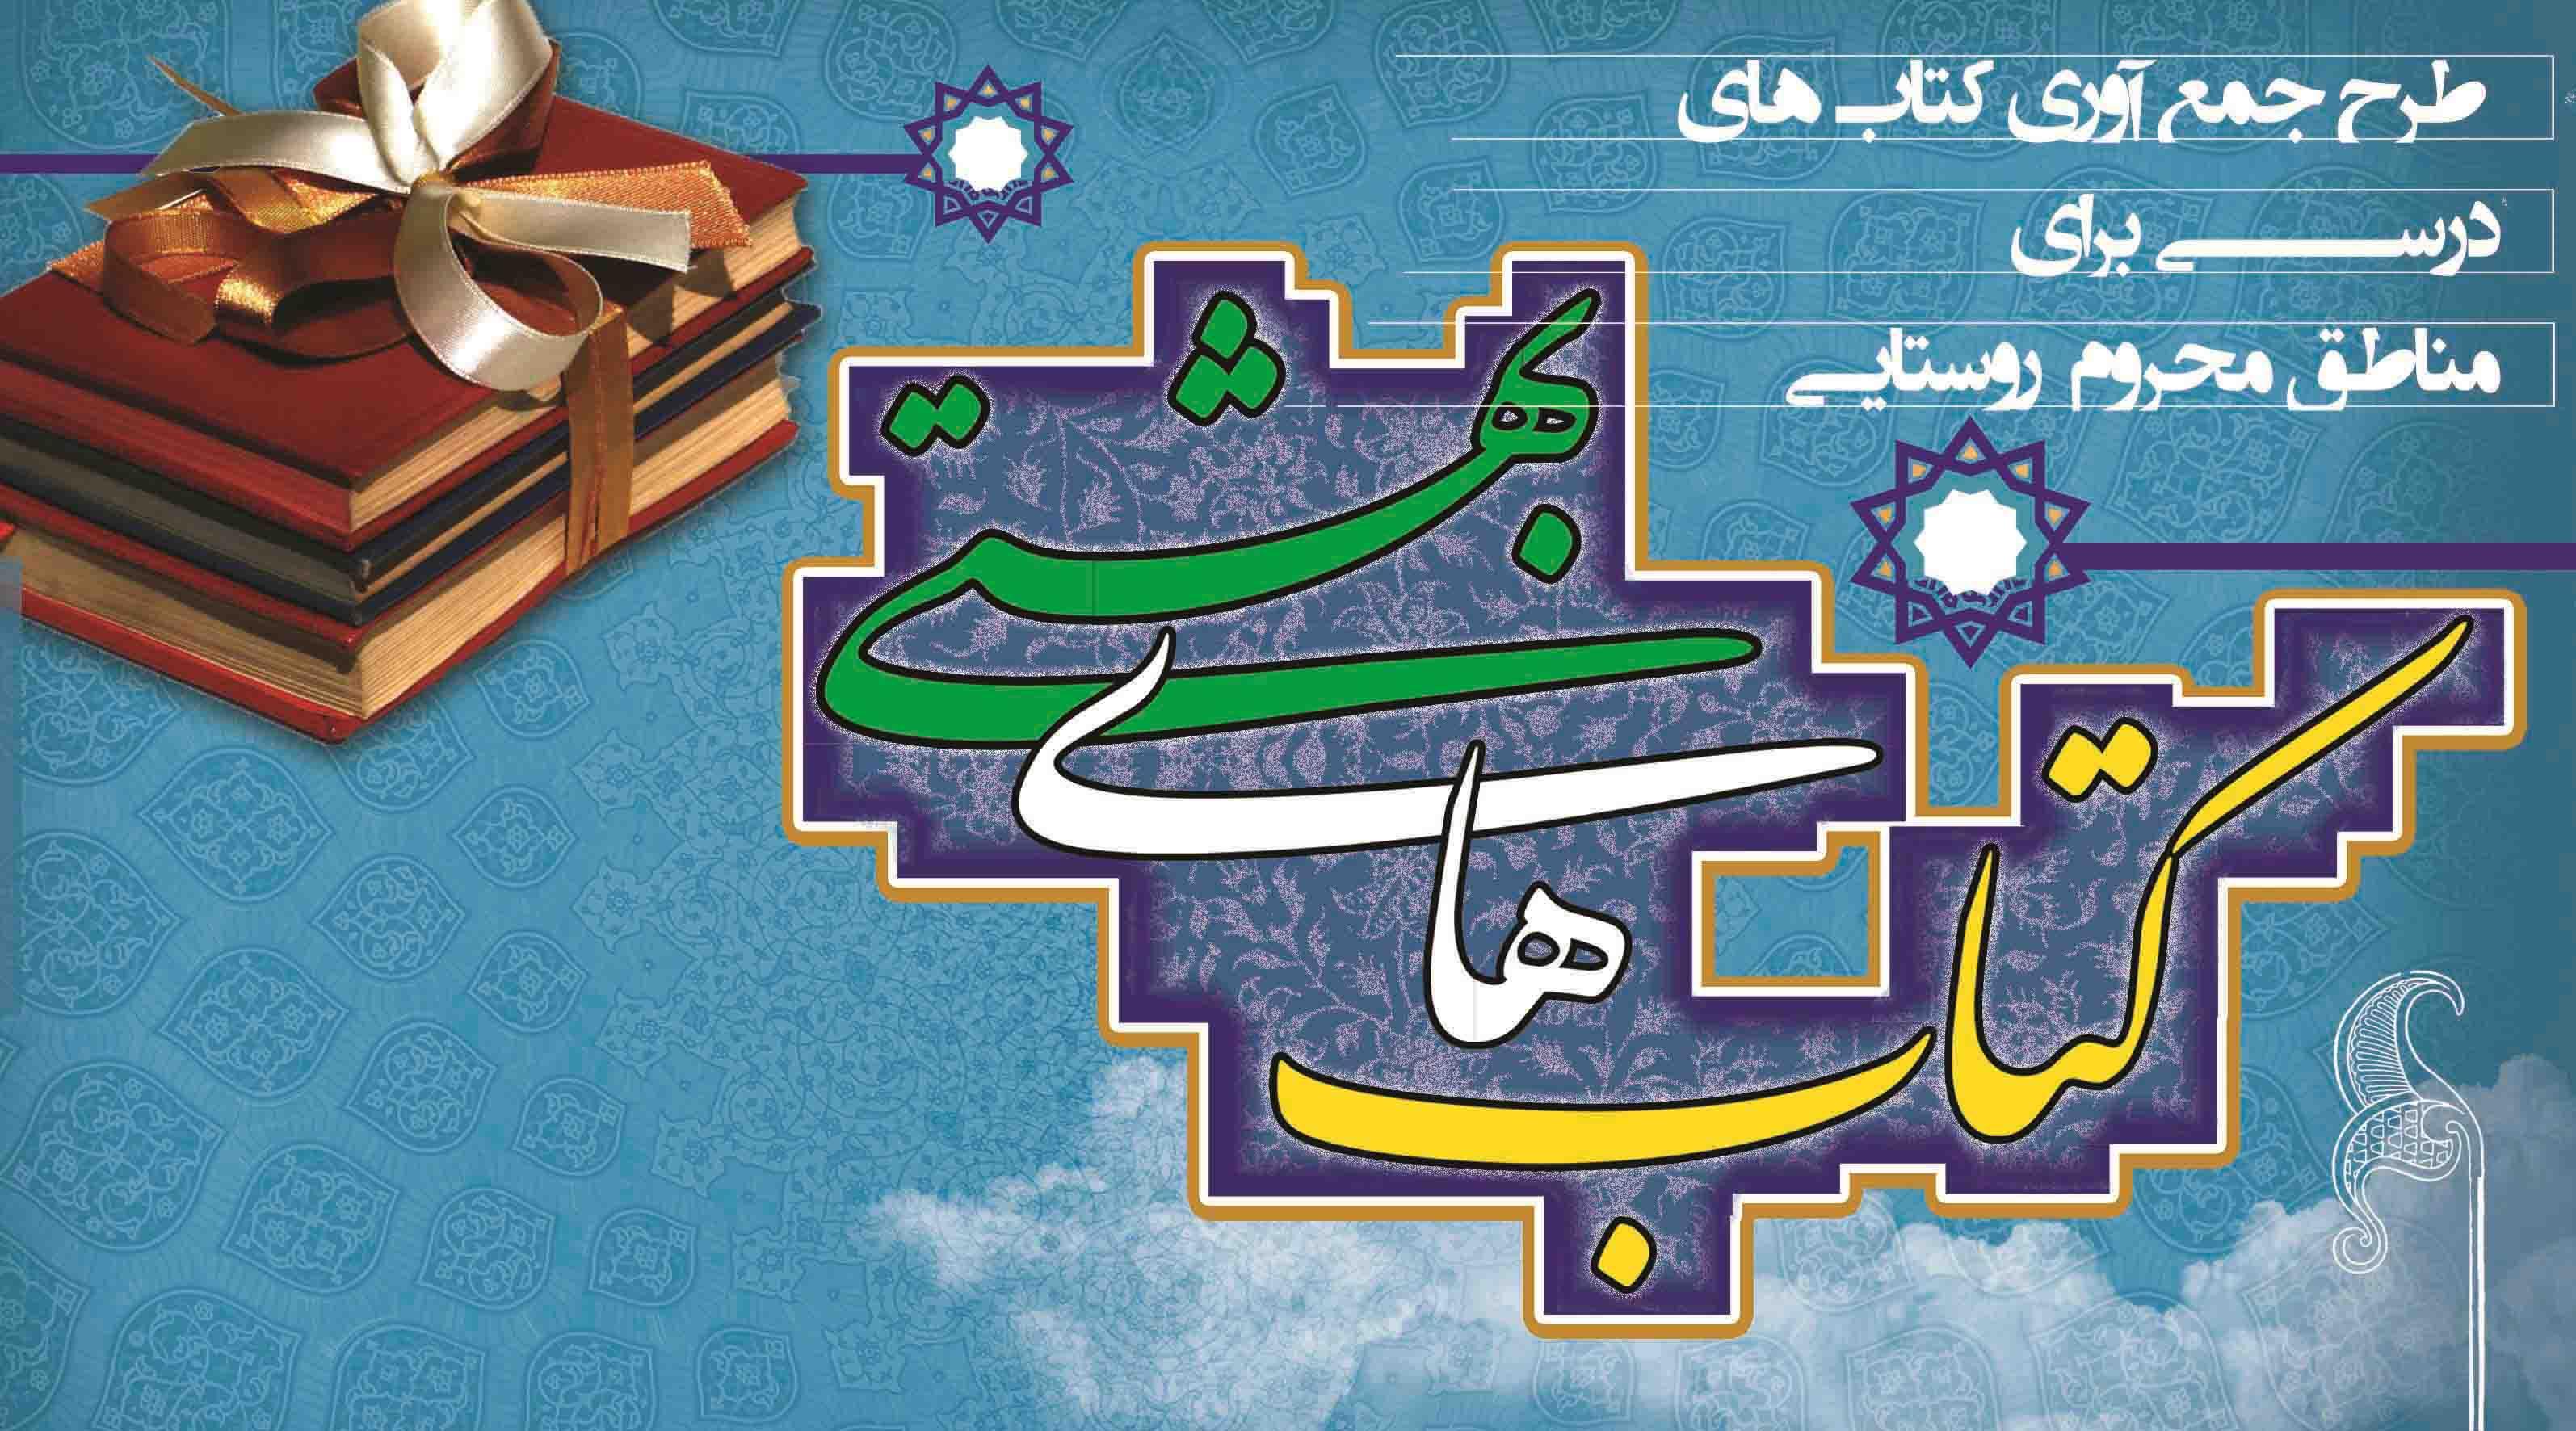 کتاب های بهشتی/ طرح اهدای کتب درسی به مناطق محروم کشور